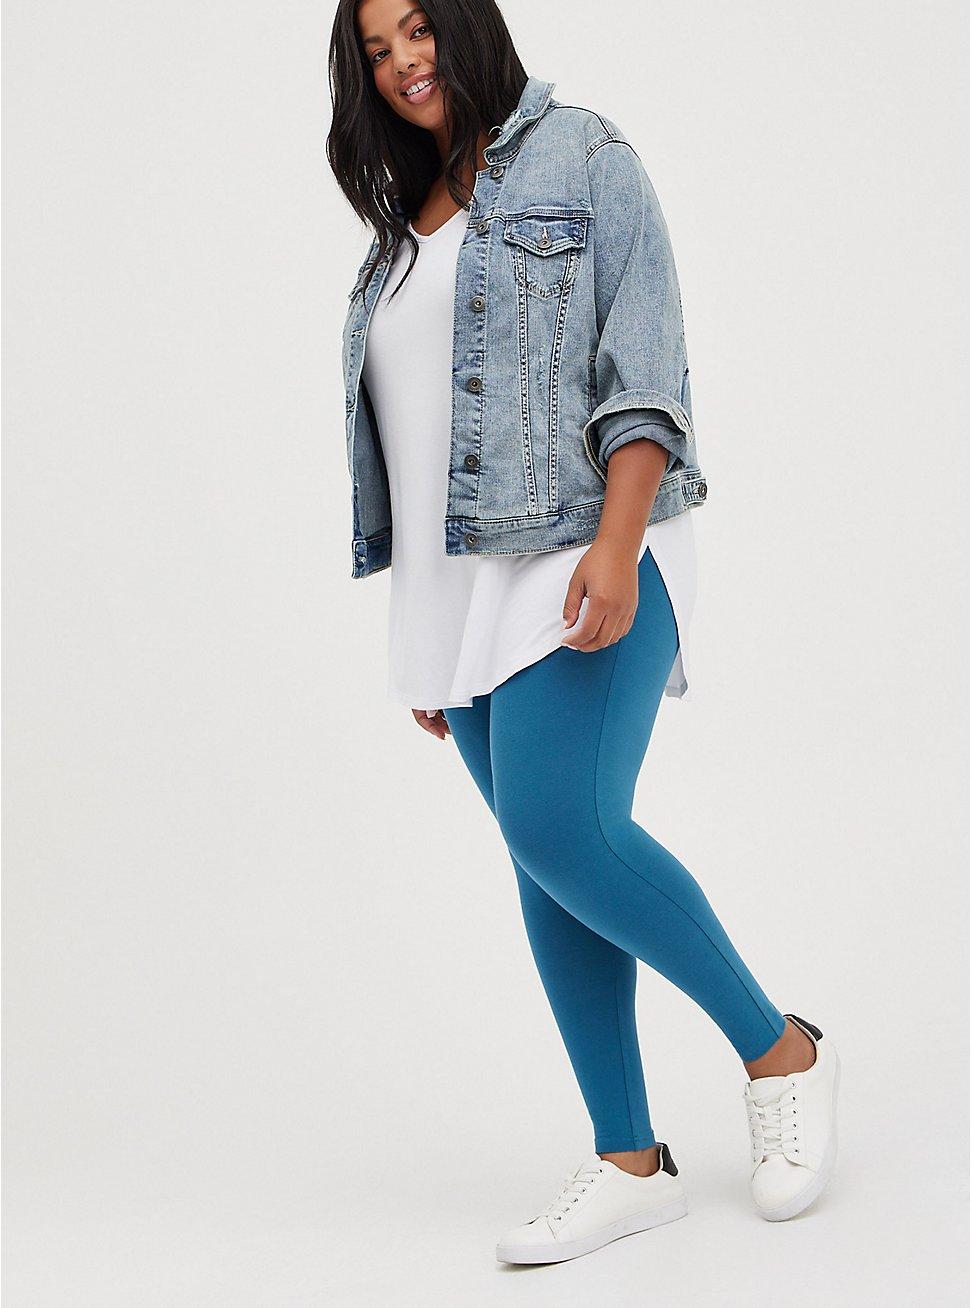 Plus Size Premium Legging - Midnight Blue, BLUE, hi-res